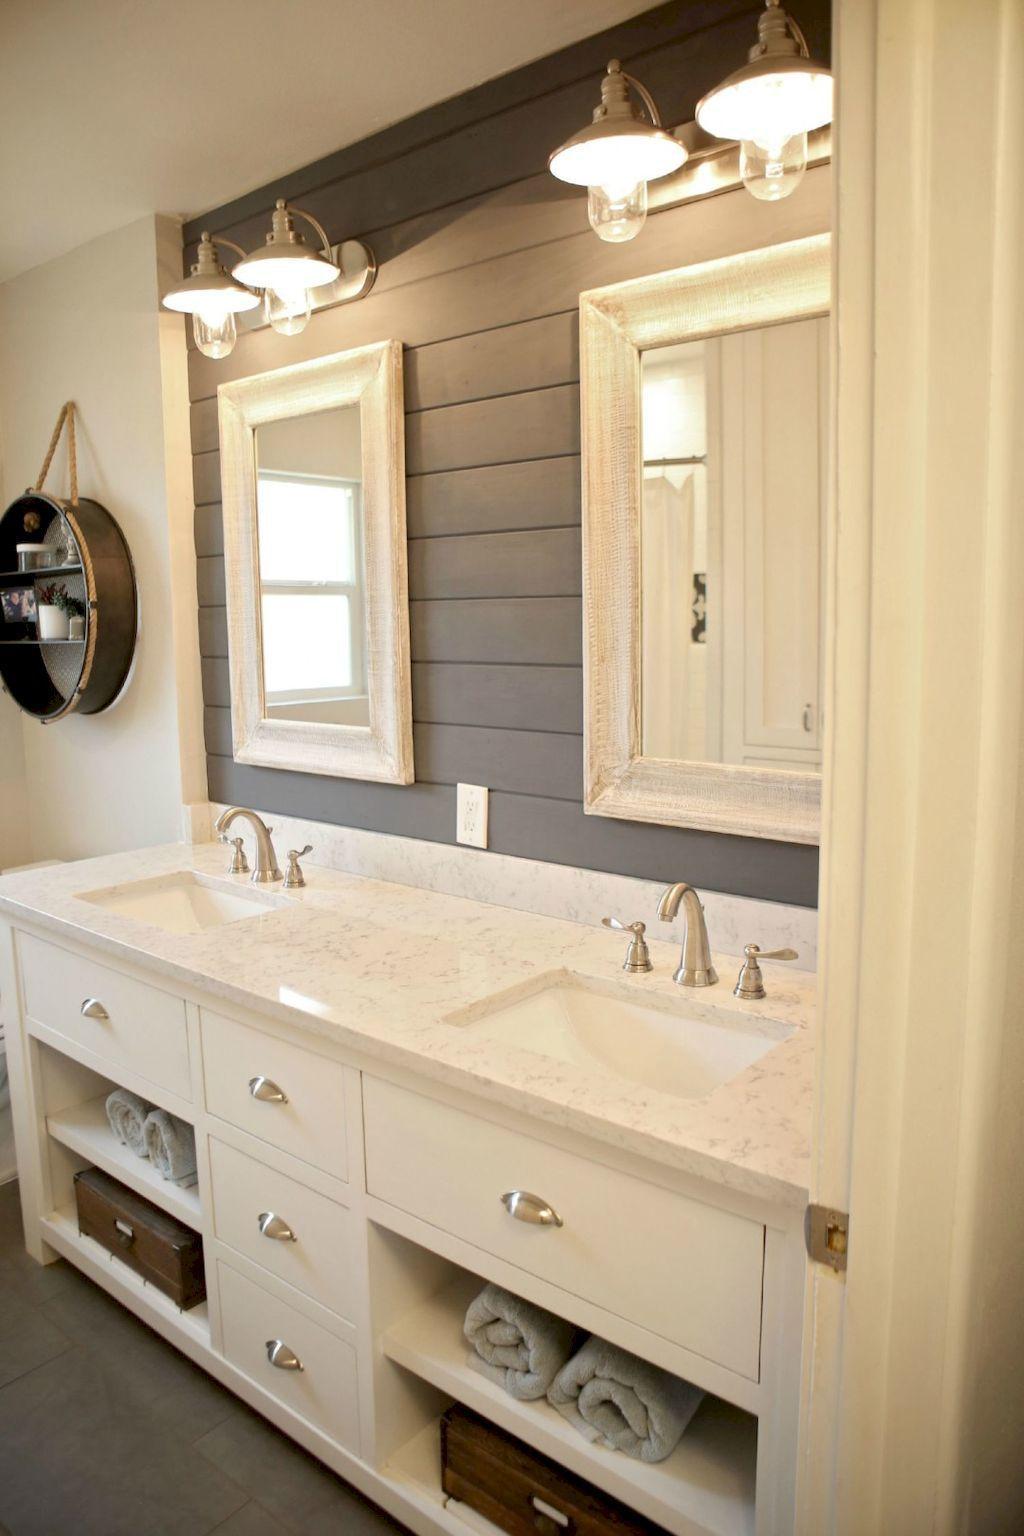 Modern farmhouse bathroom decor ideas with cabinets design (48 ...